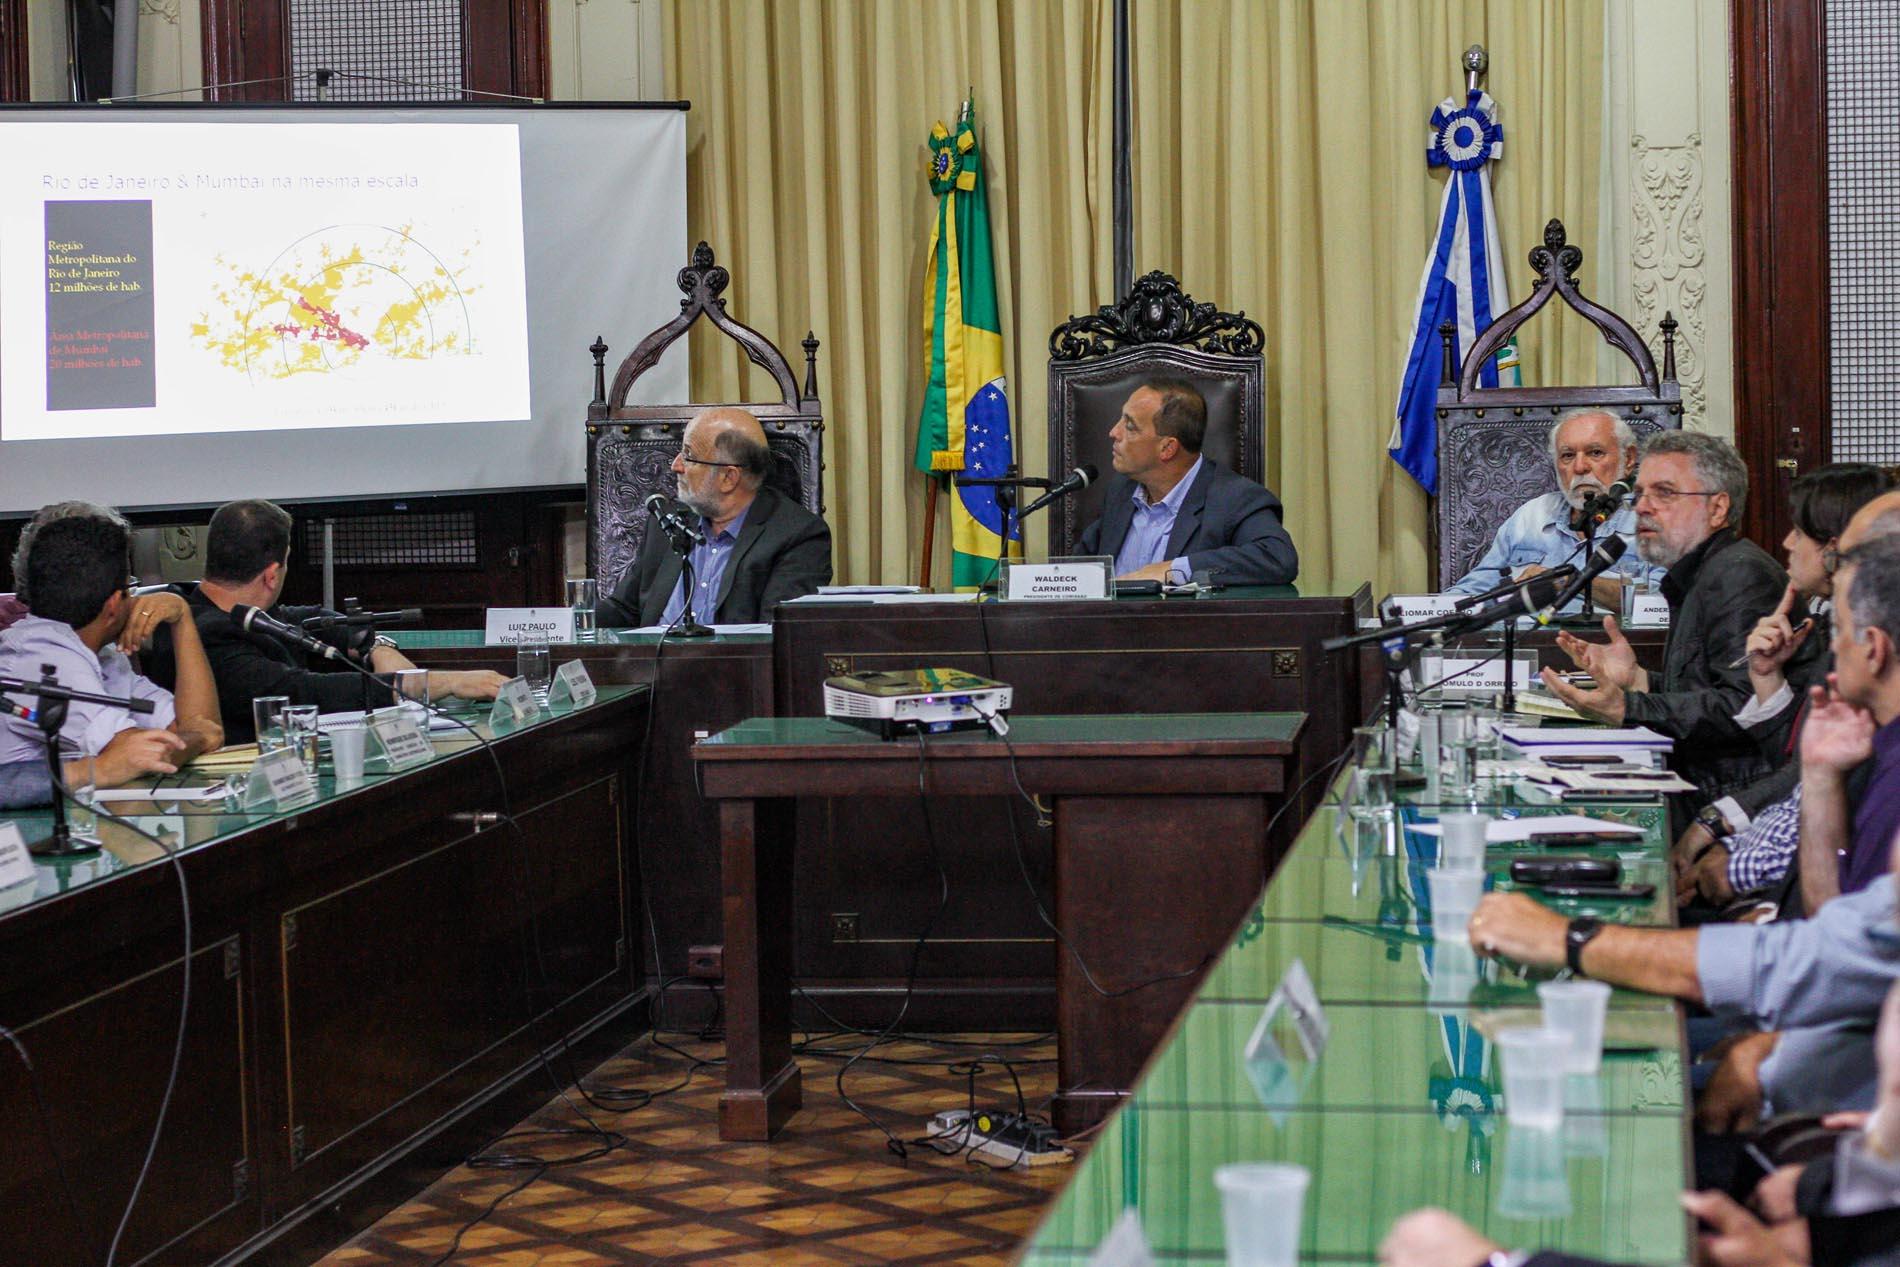 Prefeitura do Rio afirma que pistas do BRT  Transbrasil serão concluídas em dois meses